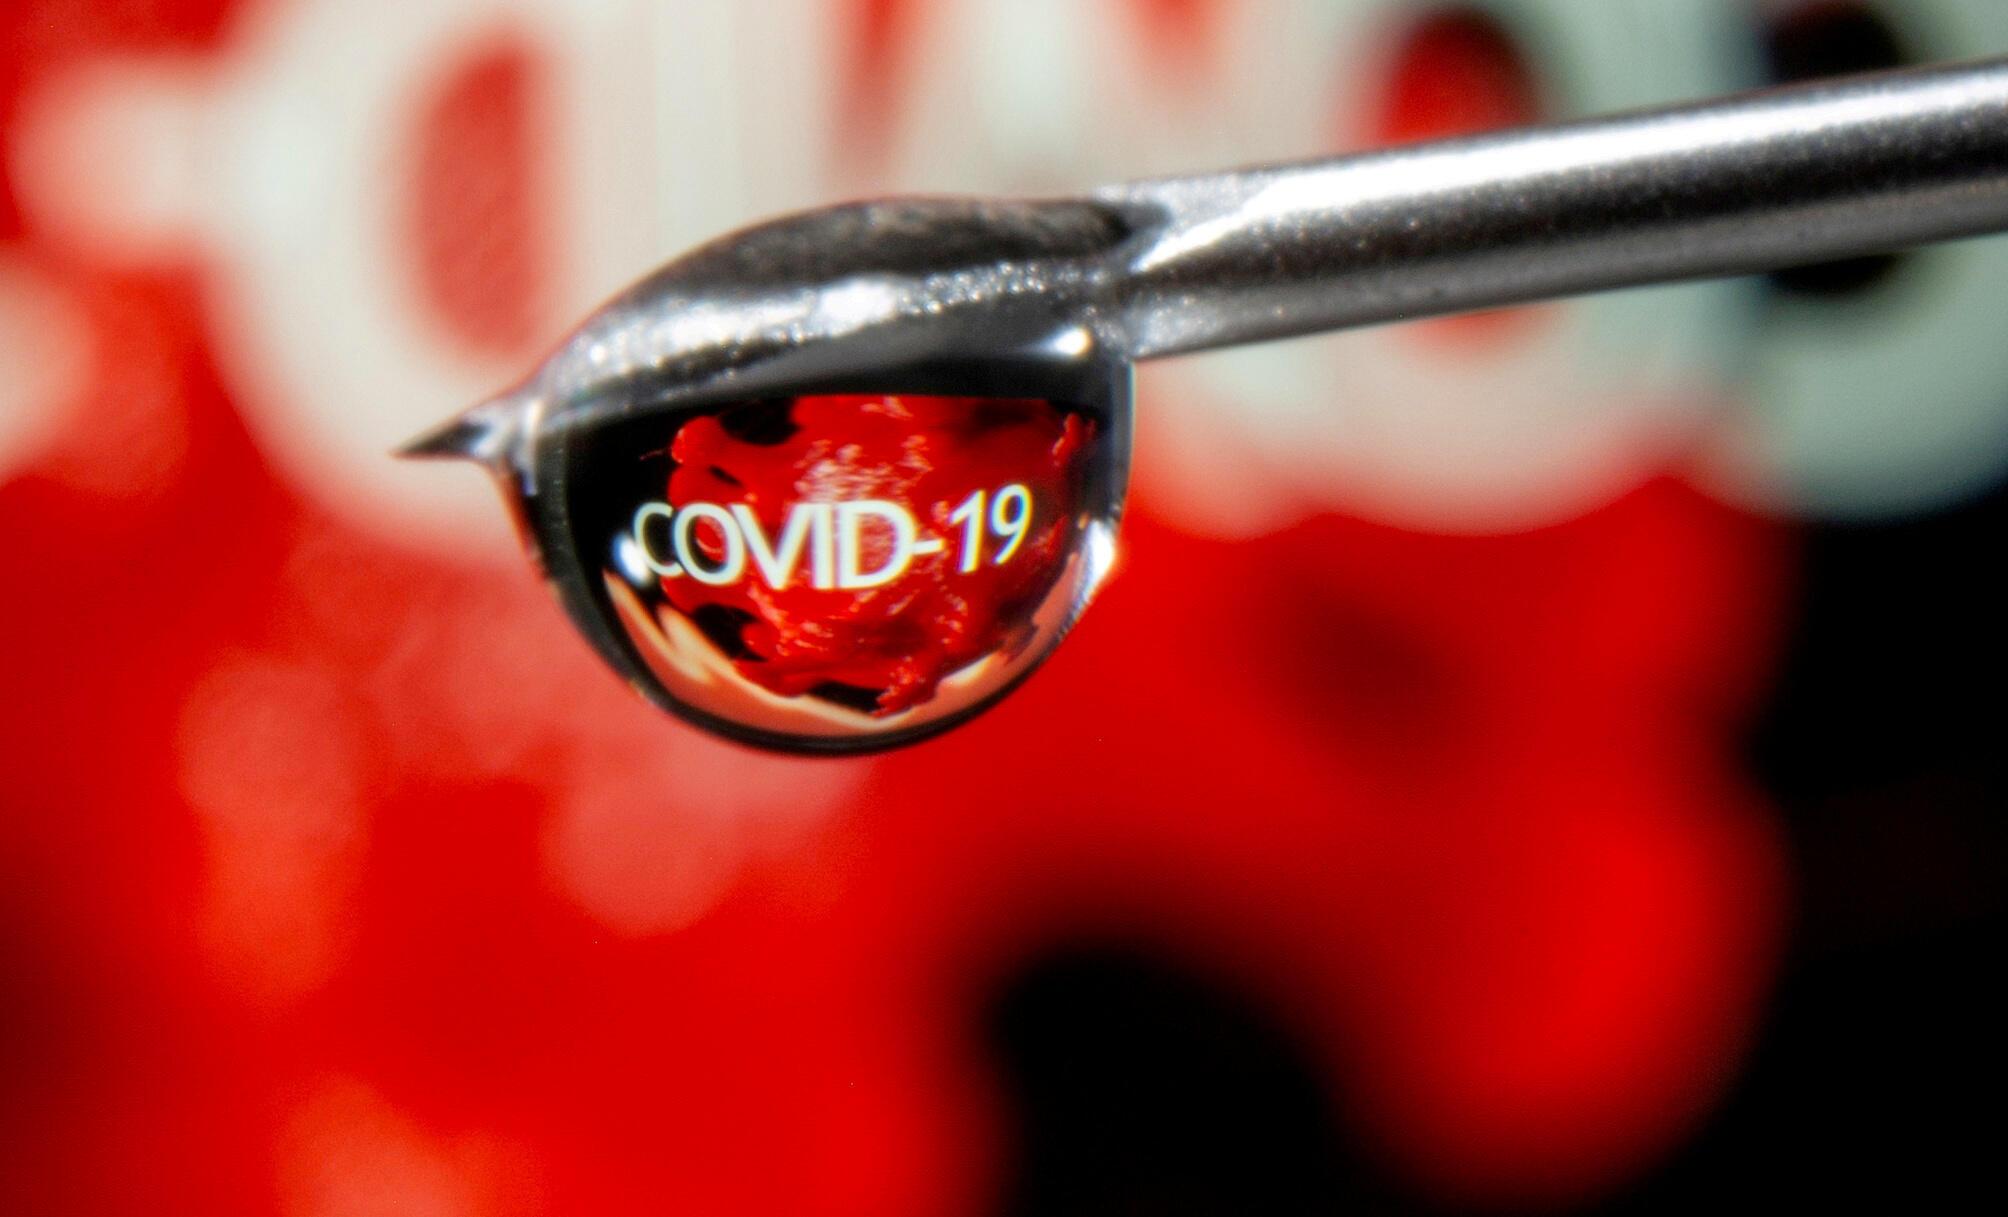 """Ảnh minh họa: Chữ """"Covid-19"""" phản chiếu trên một giọt thuốc từ đầu kim ống chích. Ảnh chụp ngày 09/11/2020."""